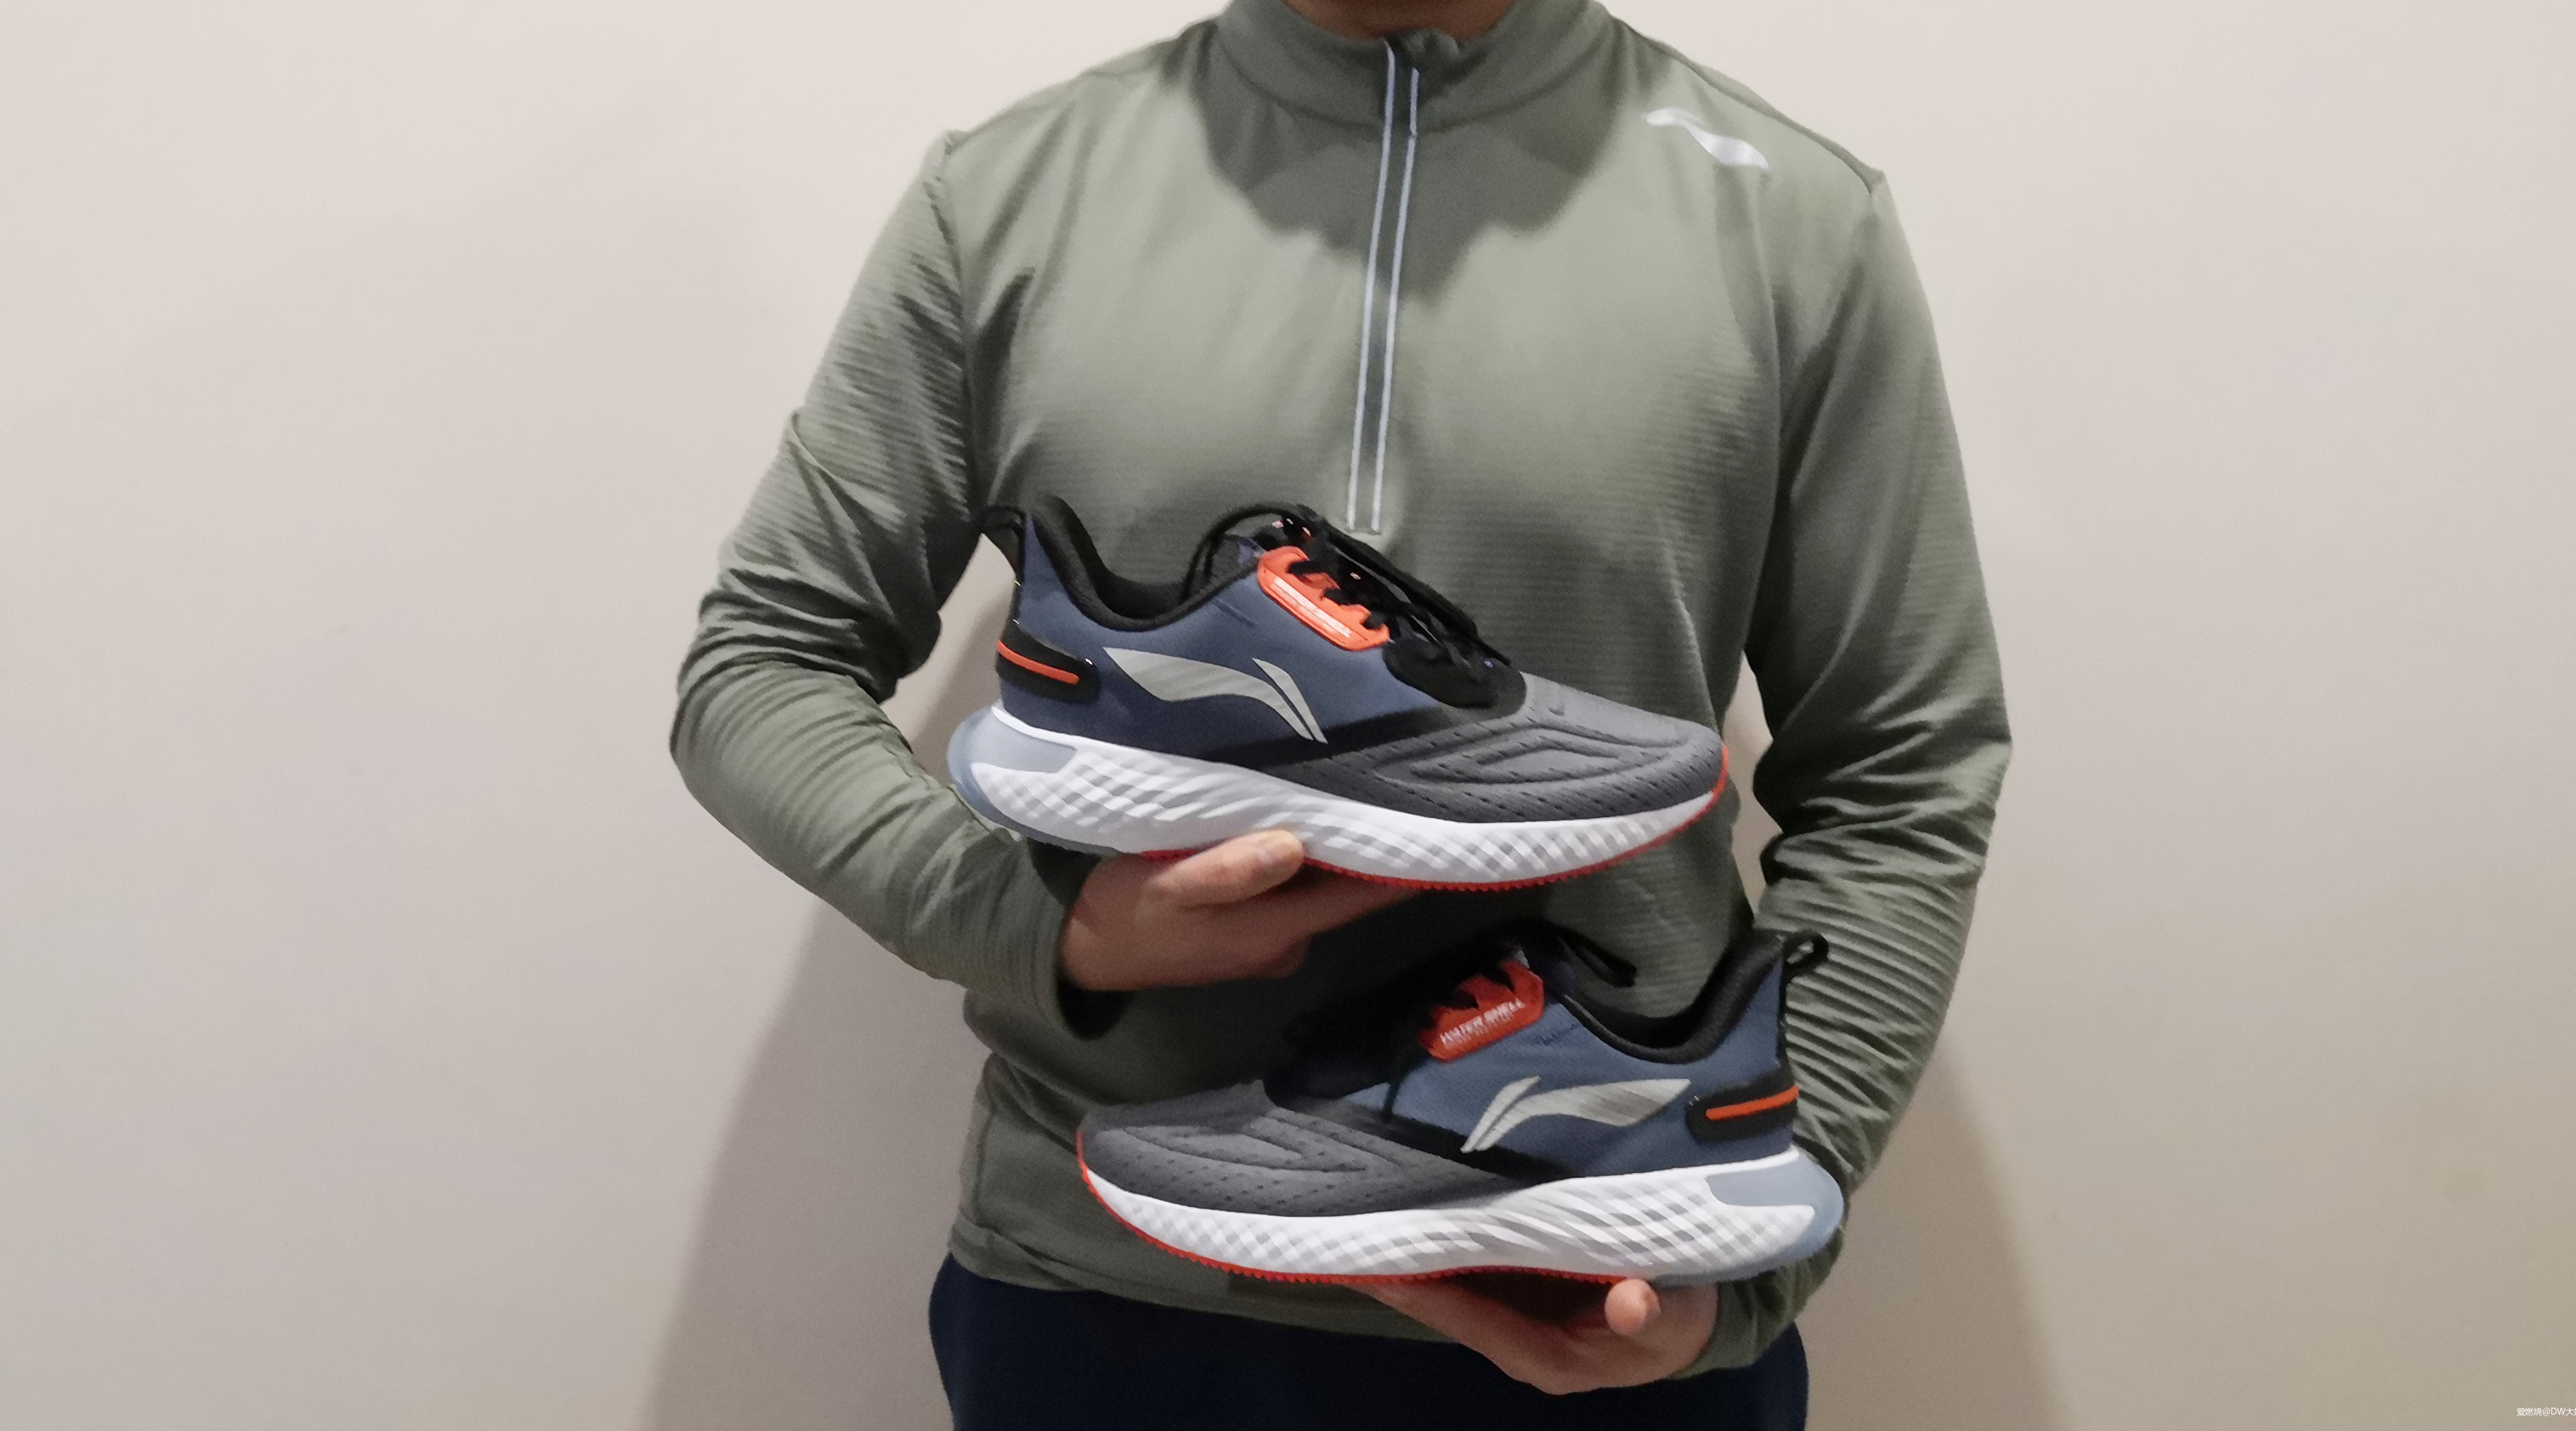 踩在棉花上的感觉--李宁云5 SHIELD减震跑鞋测评体验